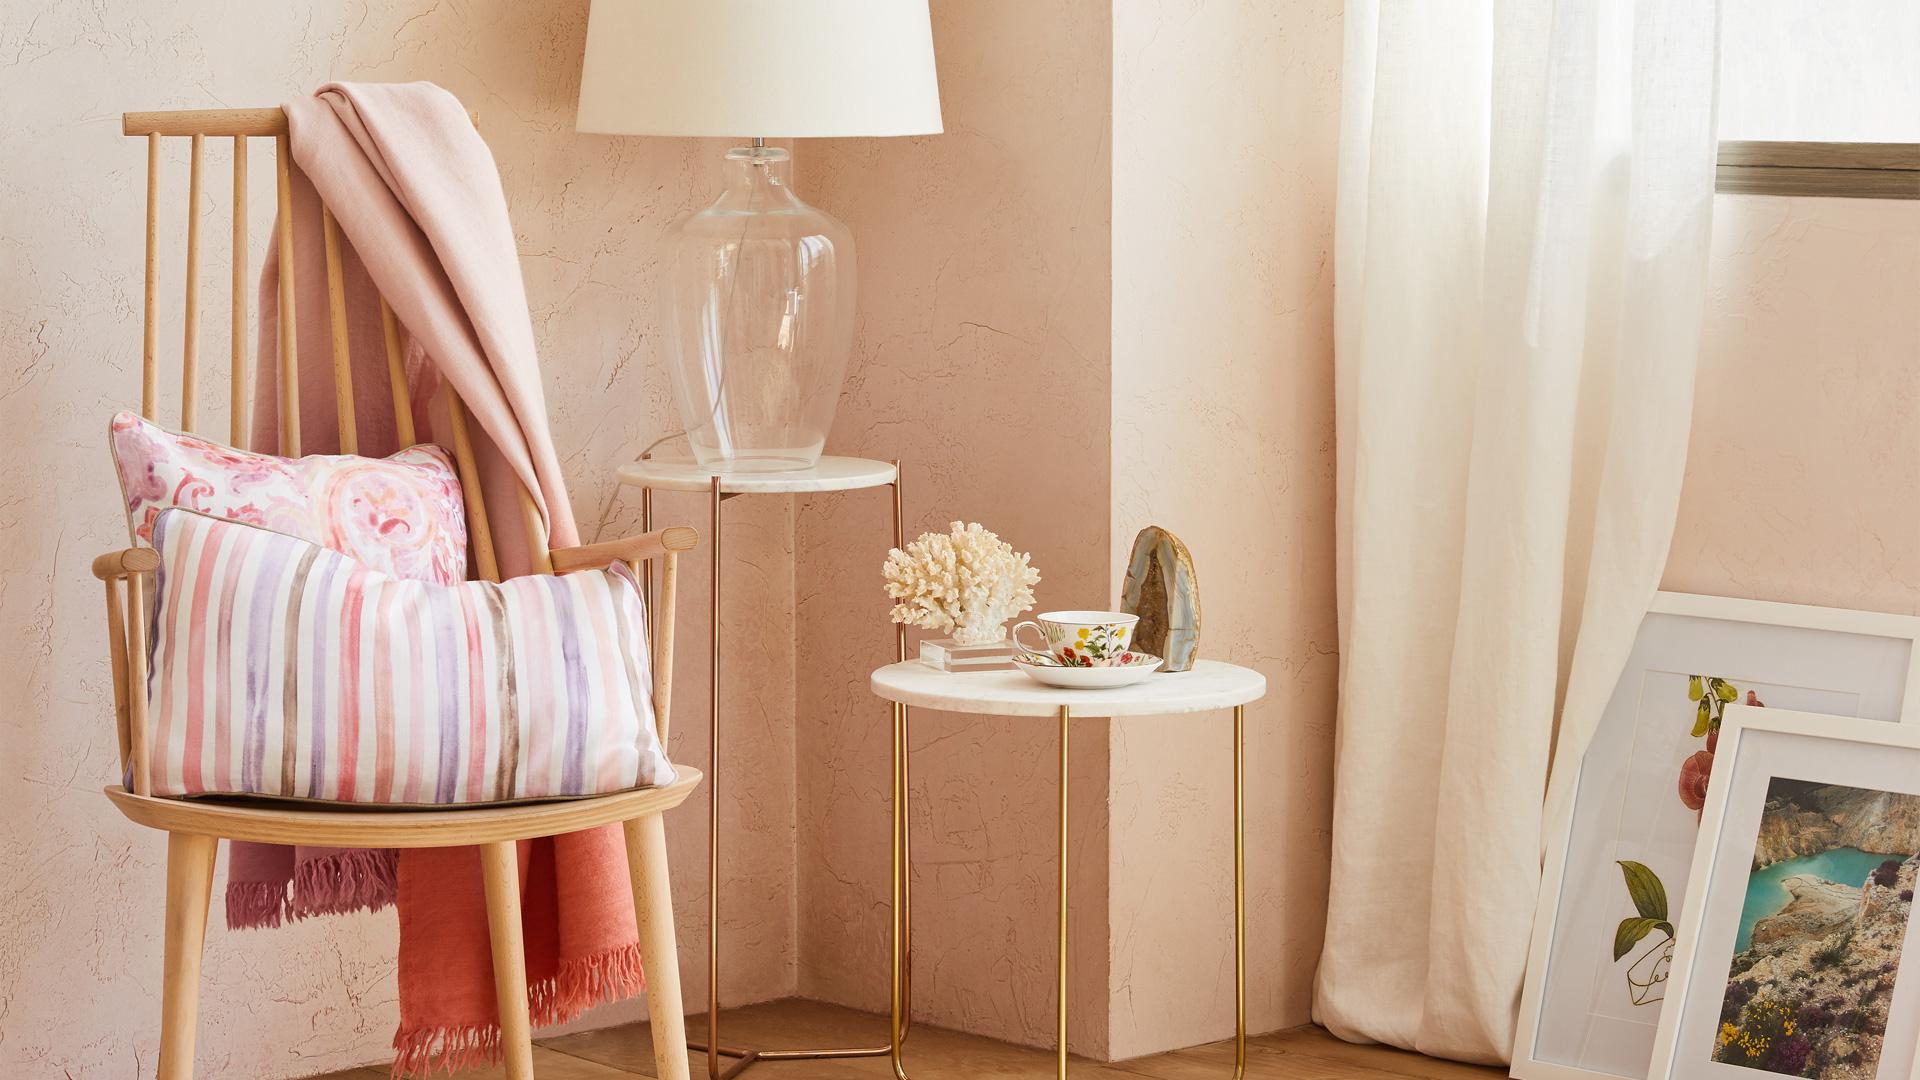 Pezzi Di Design Da Avere zara home: 10 oggetti rosa cipria da avere | pourfemme